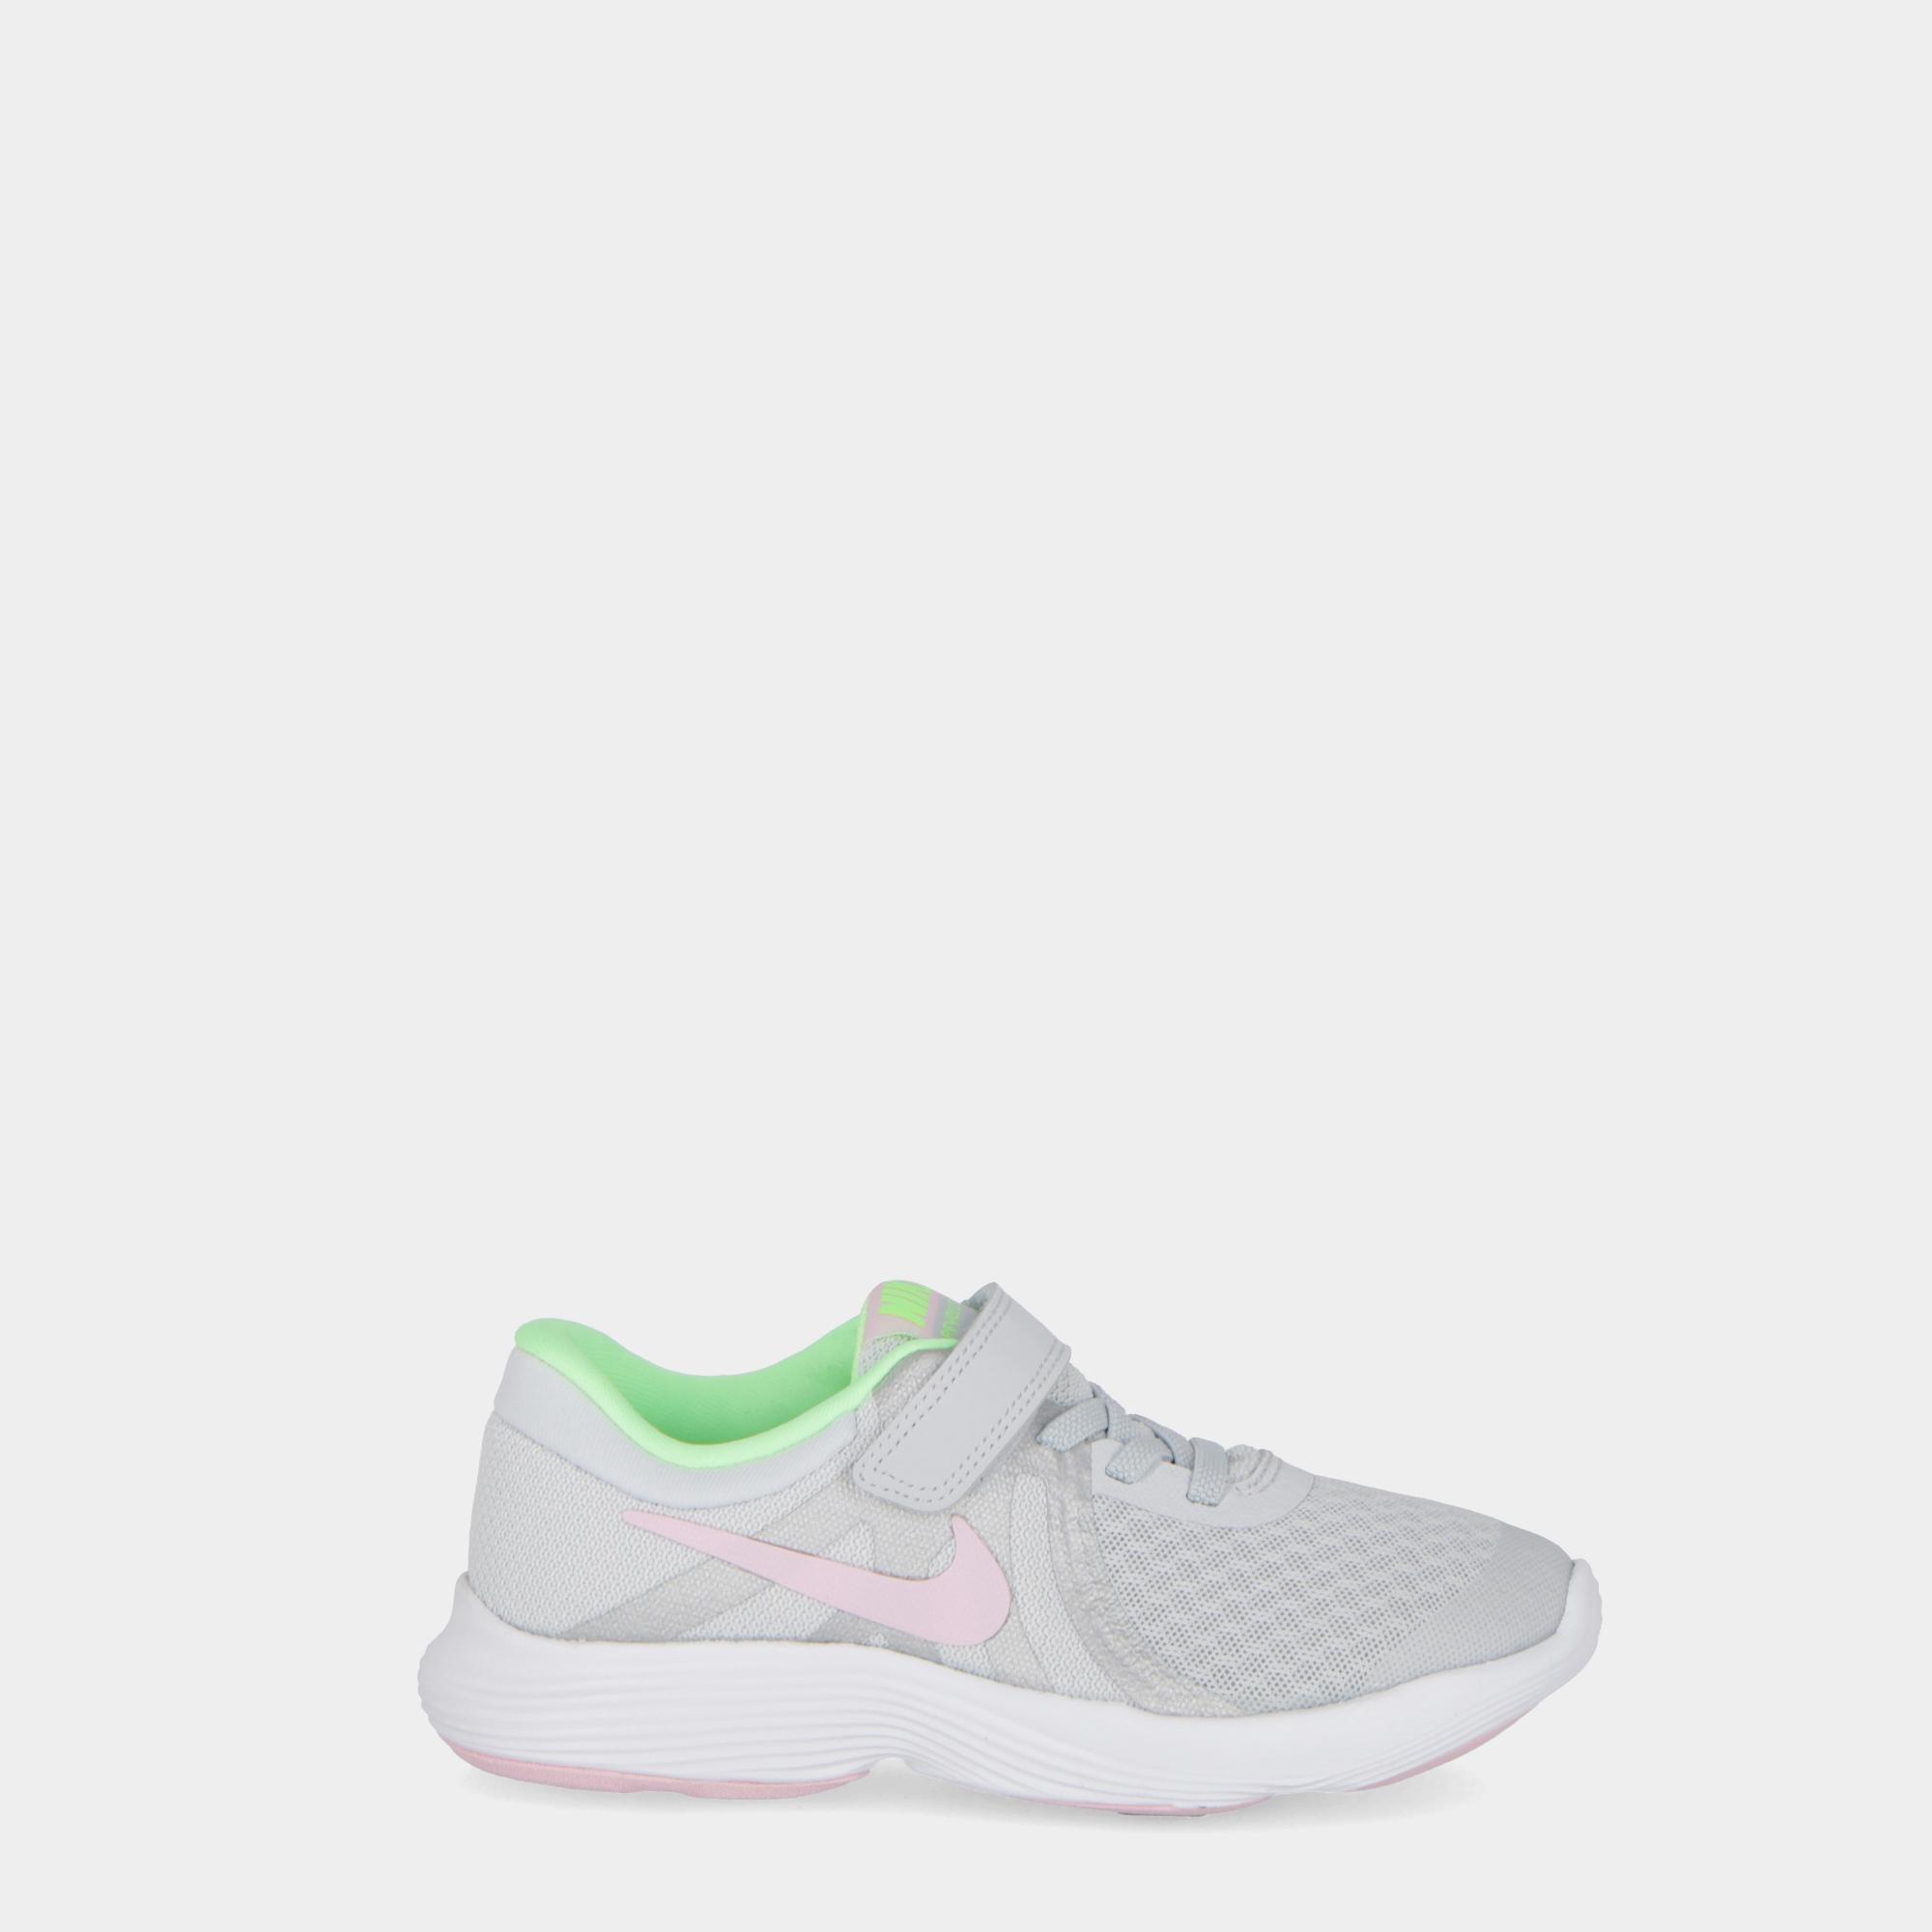 Jungen Schuhe Nike 3 Revolution 35 Kinder Psv Größe